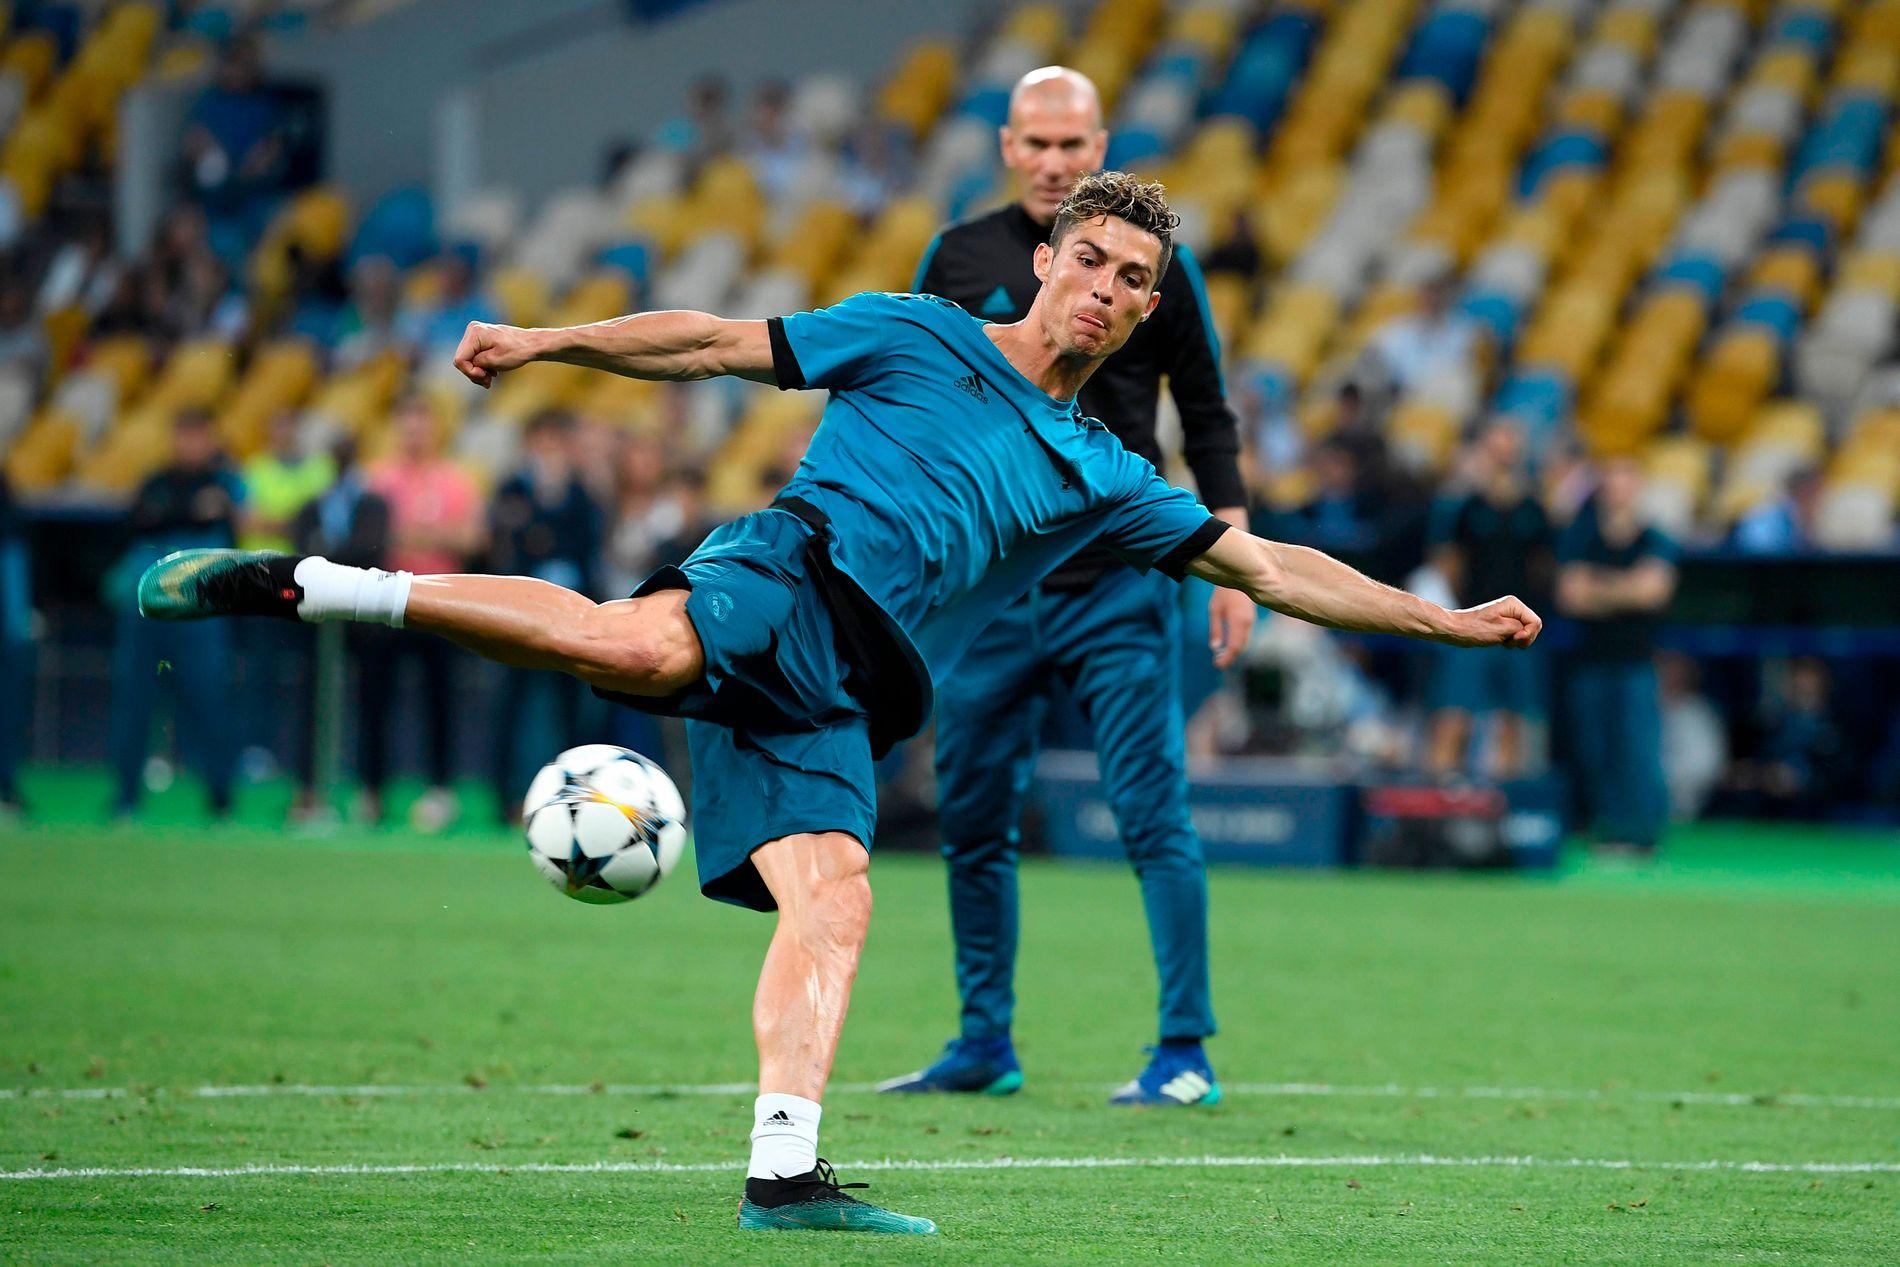 TO KONGER: Cristiano Ronaldo skyter, Zinédine Zidane følger med. To av tidenes beste spillere er klare for å senke Liverpool.